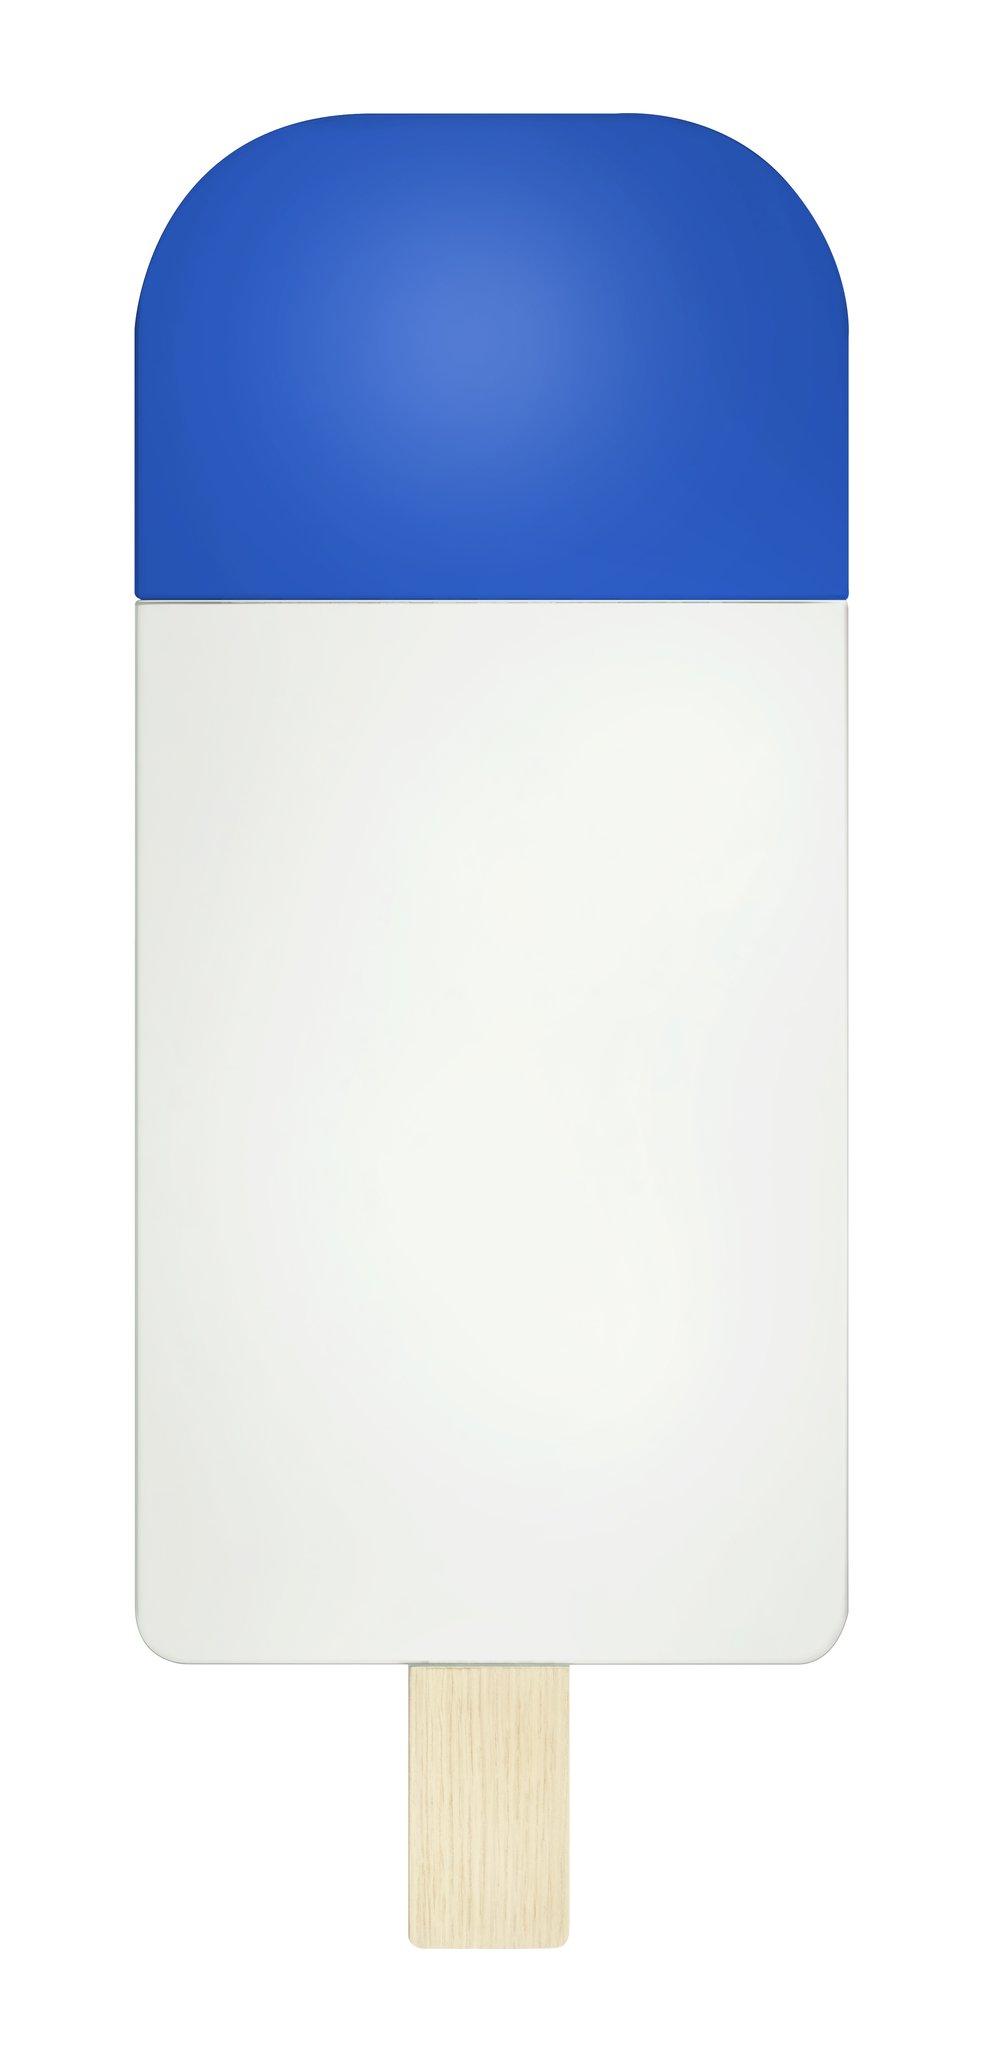 Full Size of Ice Cream Spiegel Blau Eo Spiegellampe Bad Badezimmer Spiegelschrank Led Küche Fliesenspiegel Spiegelschränke Mit Beleuchtung Und Steckdose Regal Kinderzimmer Spiegel Kinderzimmer